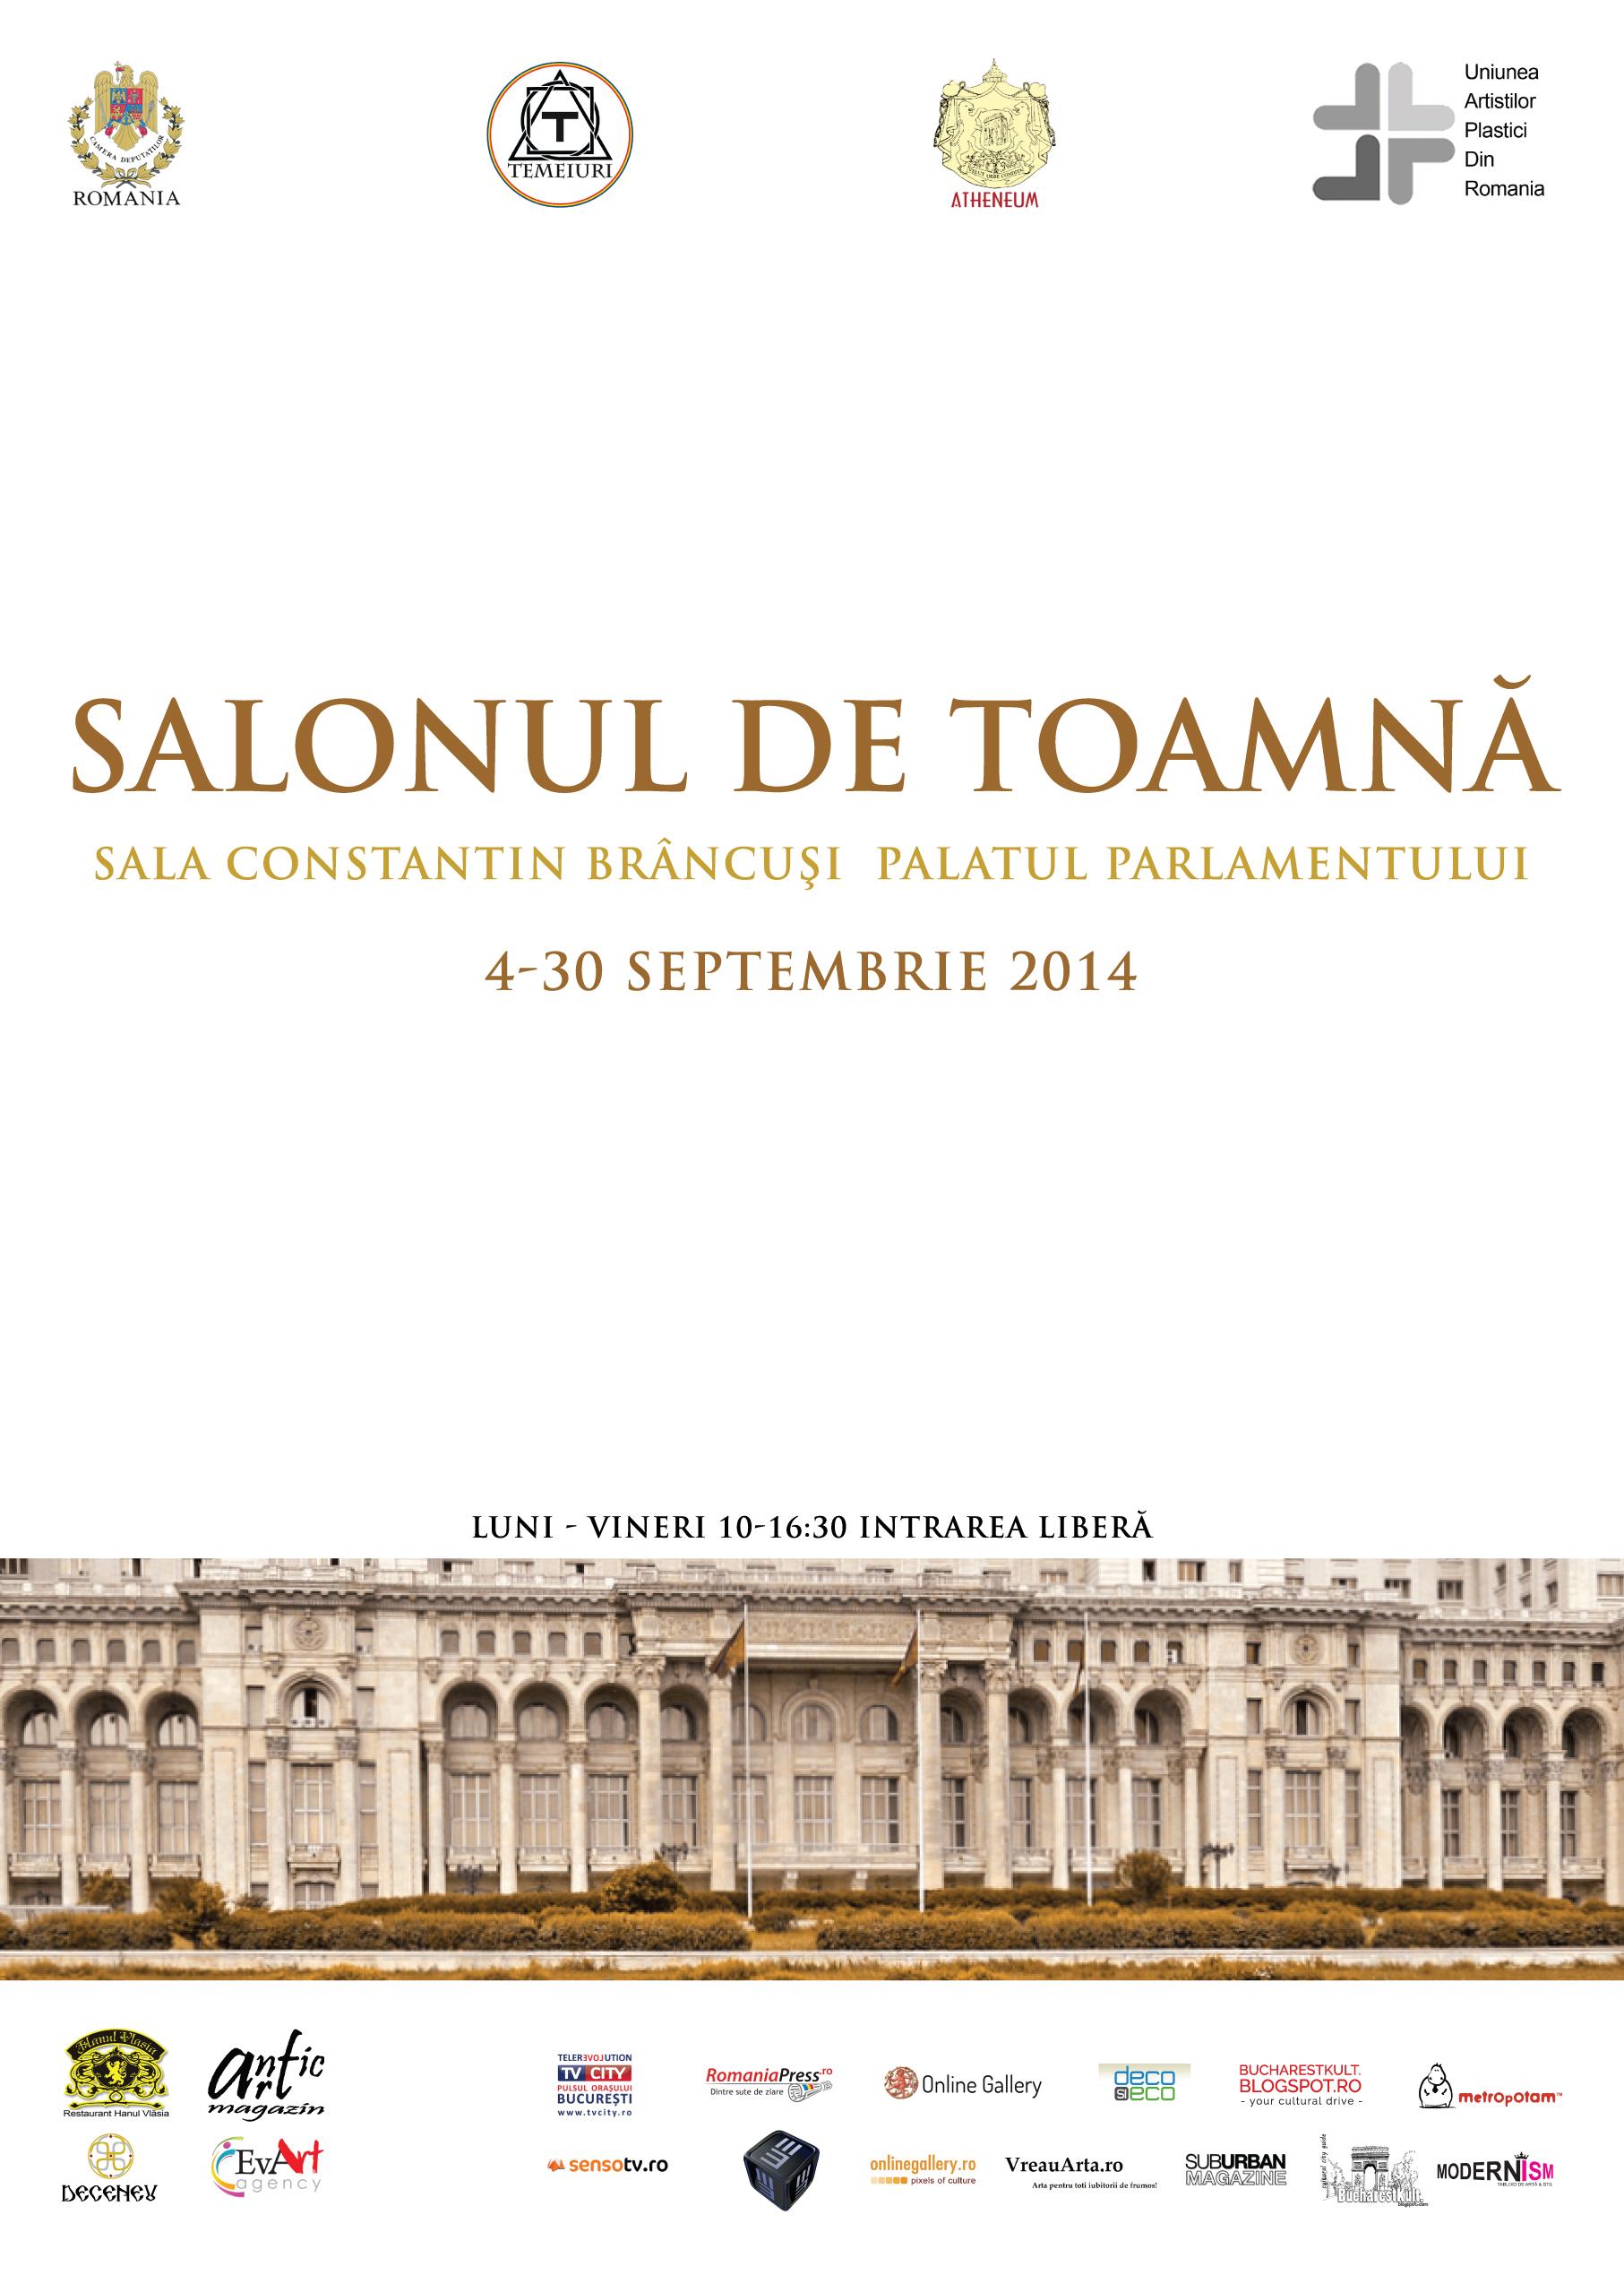 Salonul de Toamna in sala Constantin Brancusi a Palatului Parlamentului